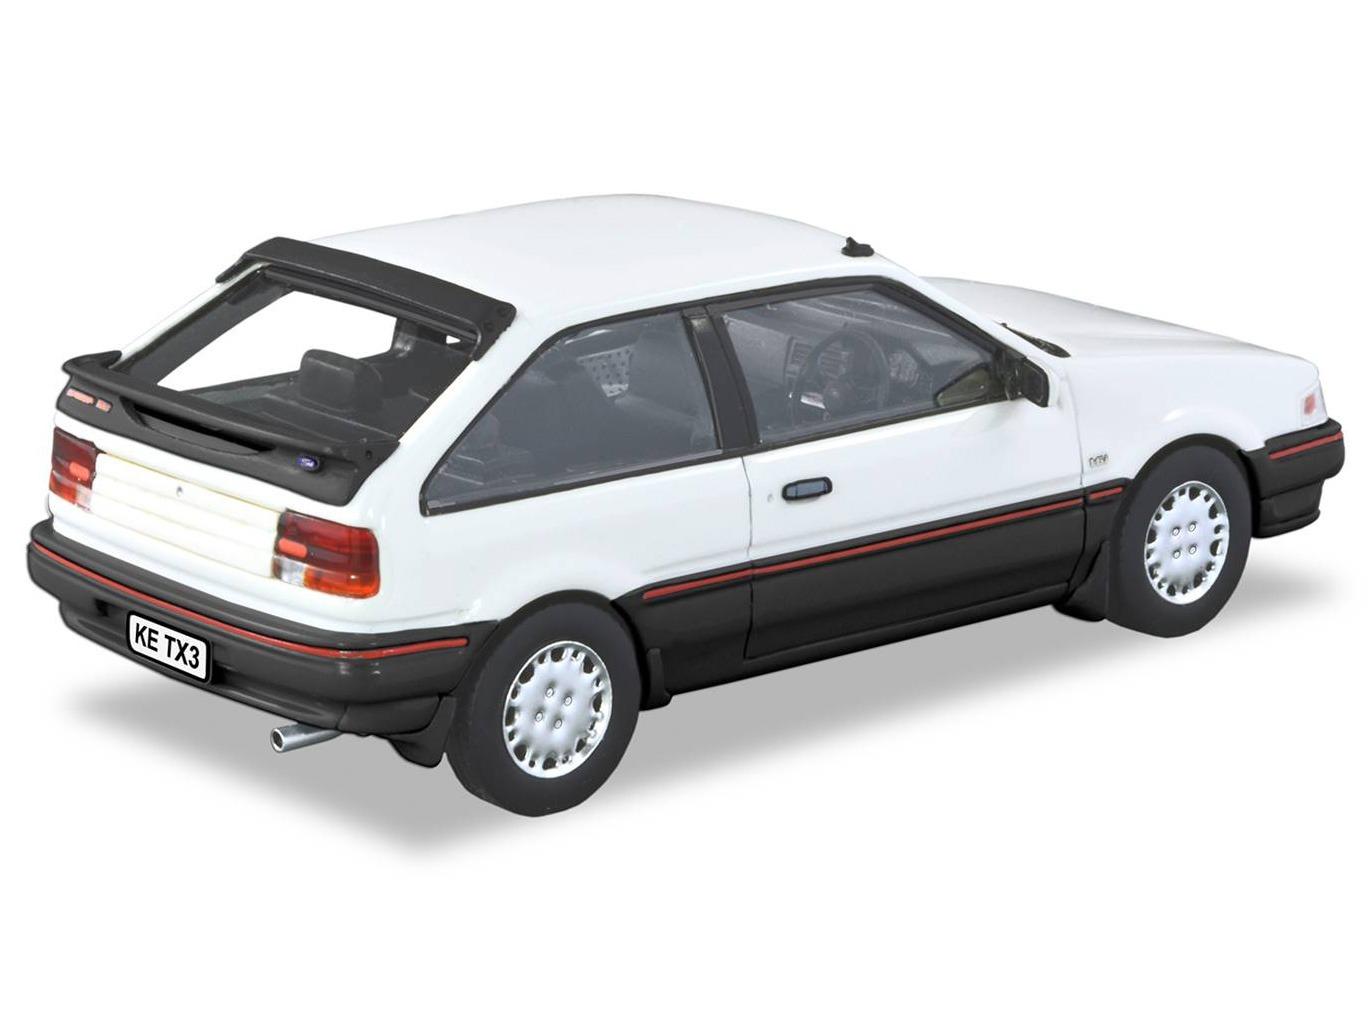 1988 Ford KE Laser TX3 – Stark White